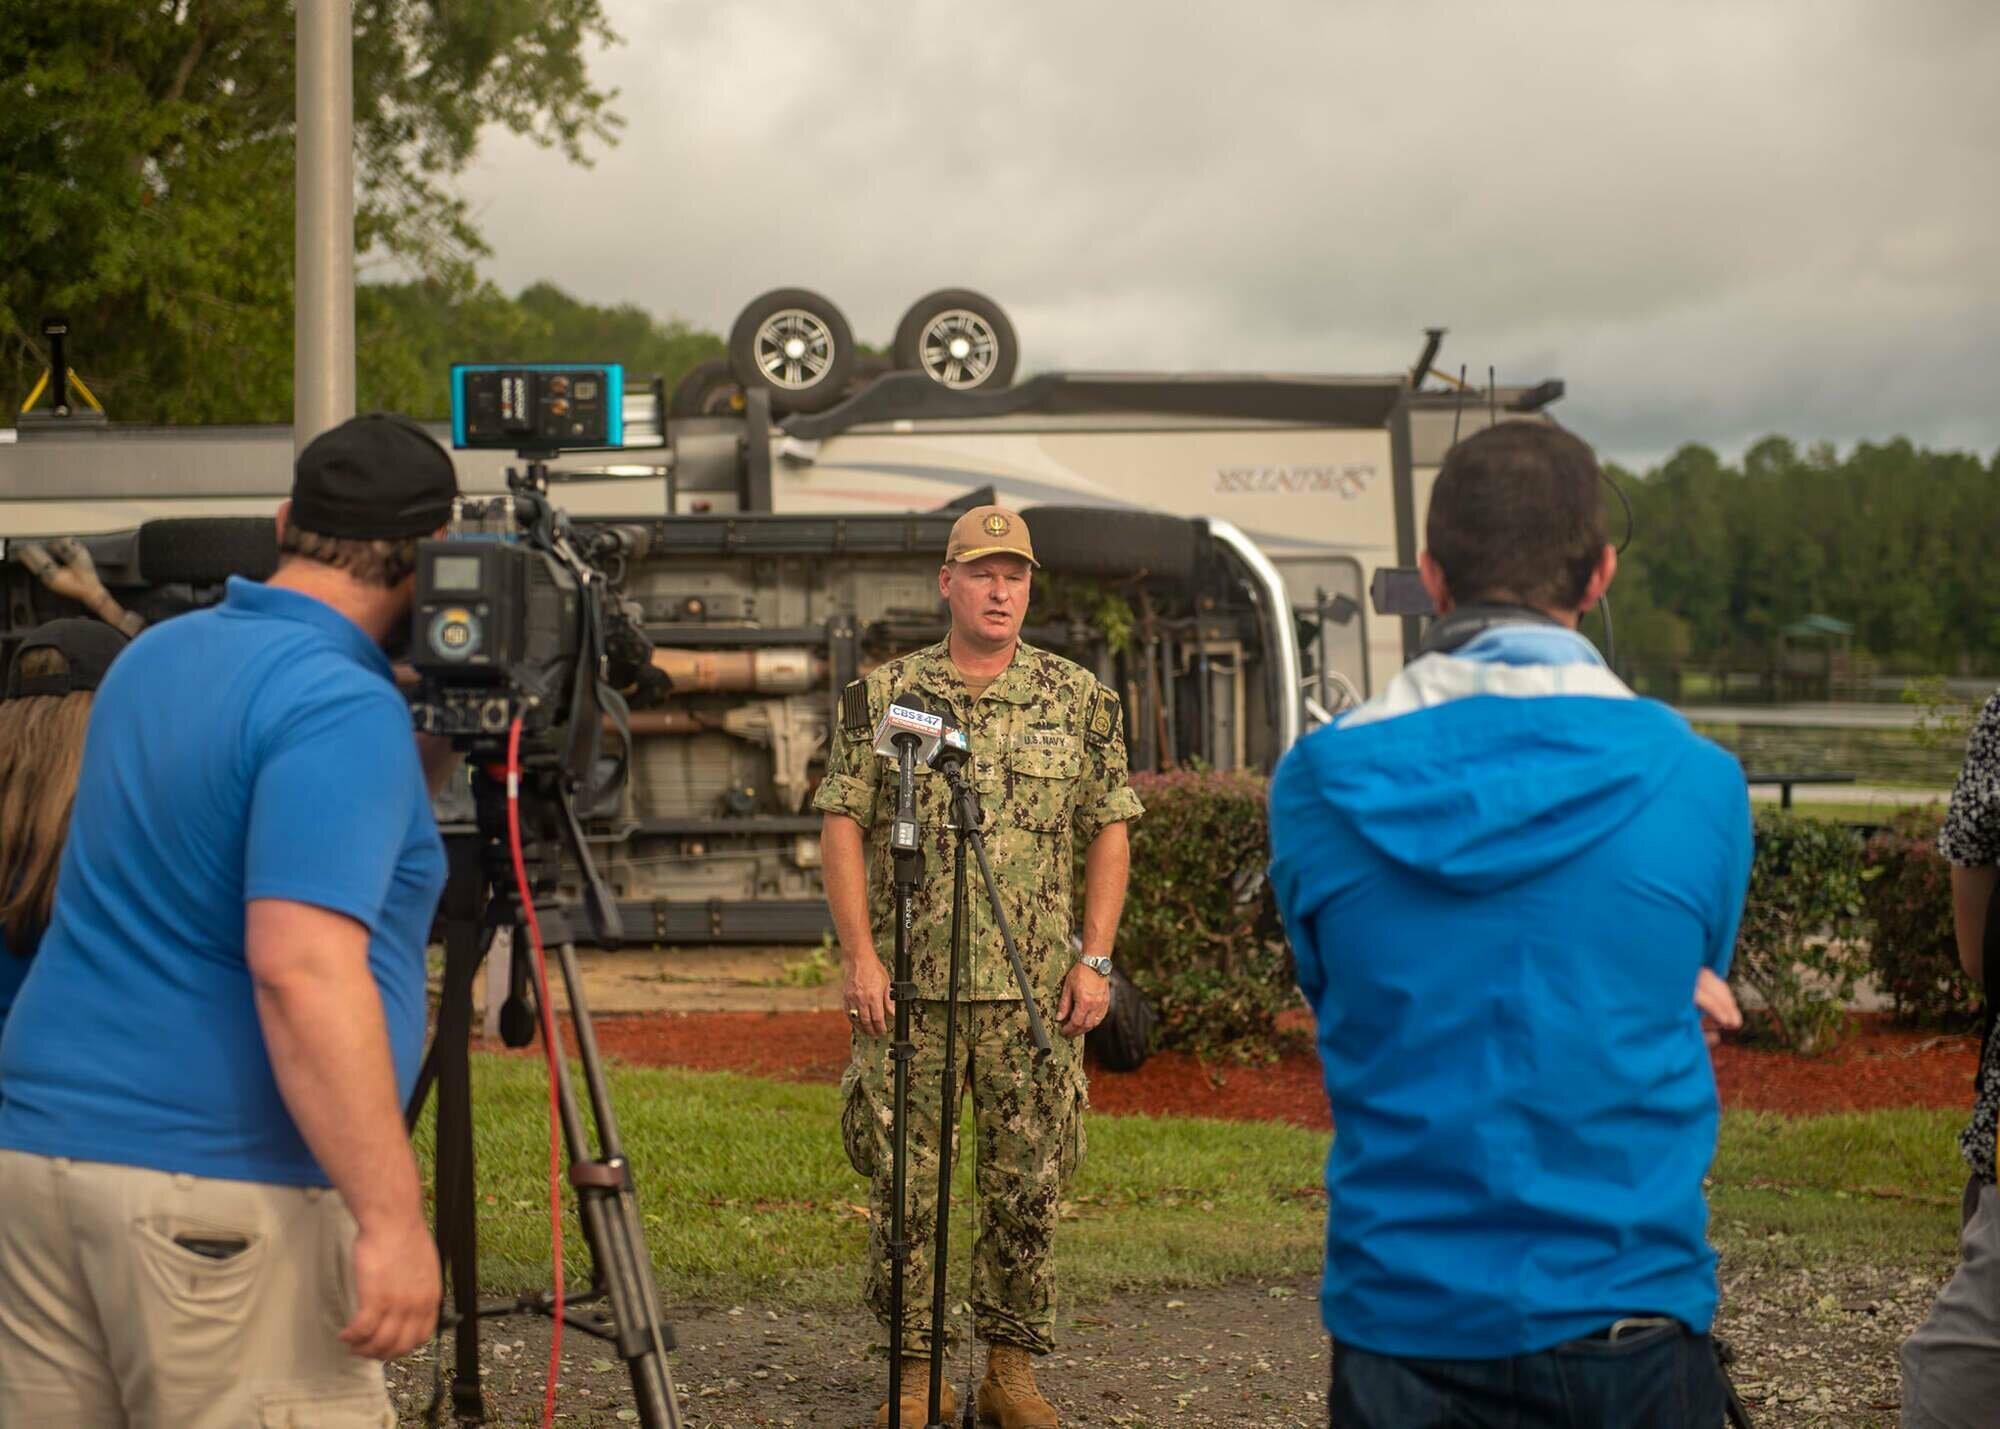 Военный дает комментарий на фоне перевернутого фургона